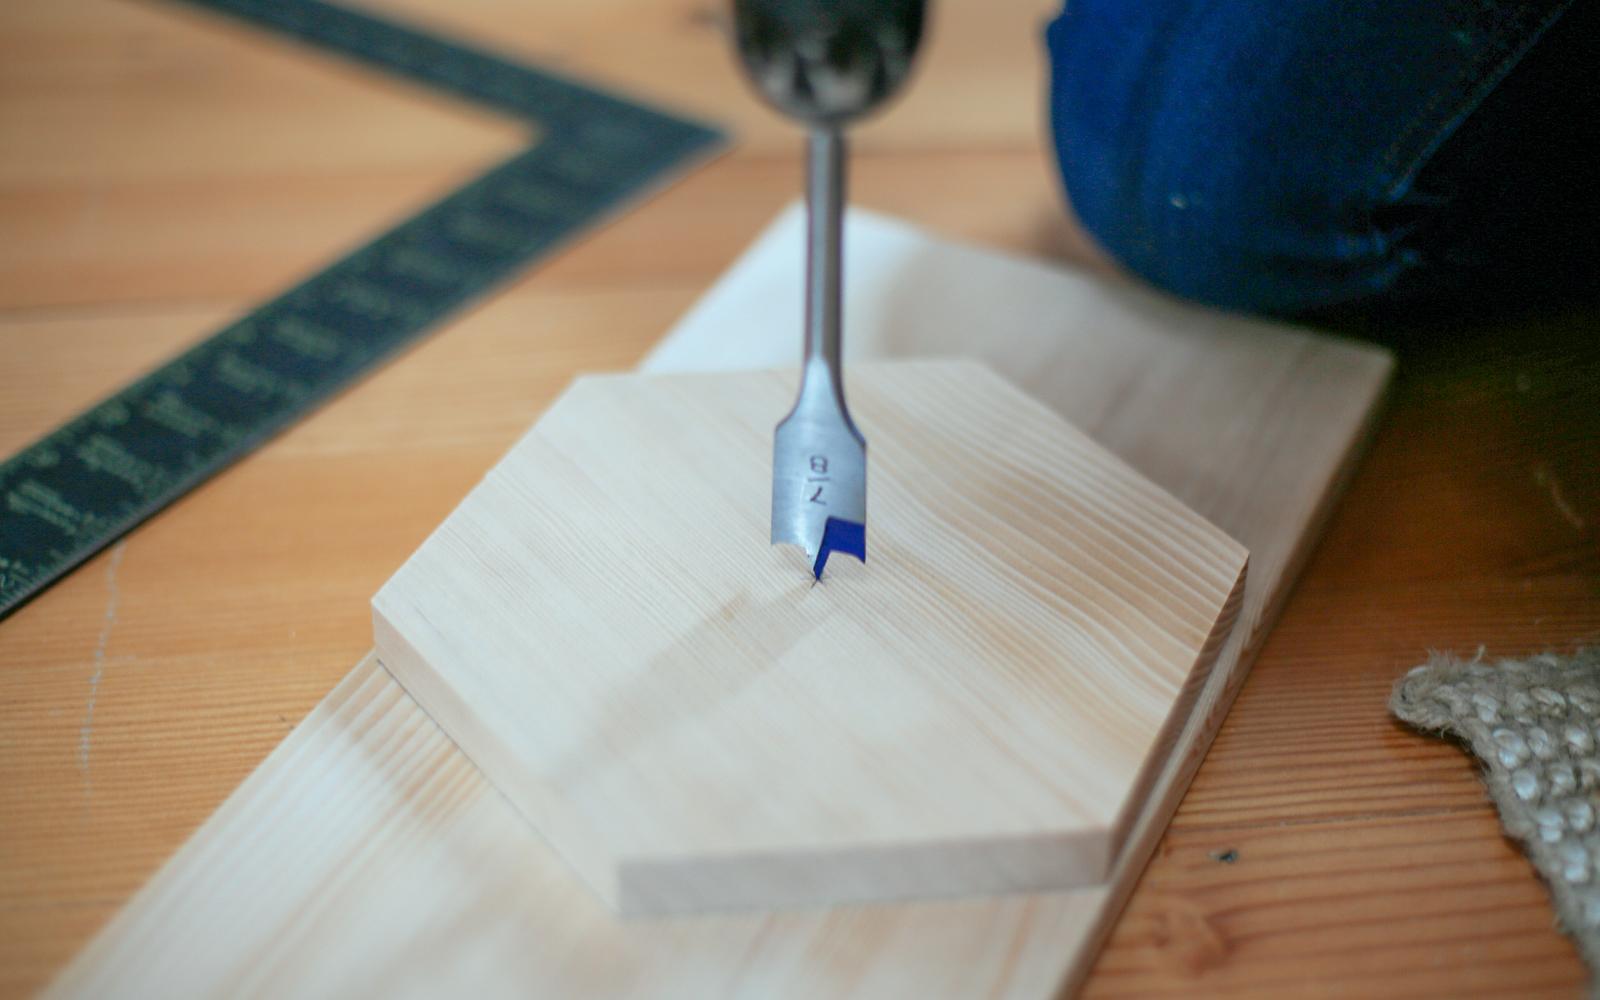 spade bit for paper towel holder